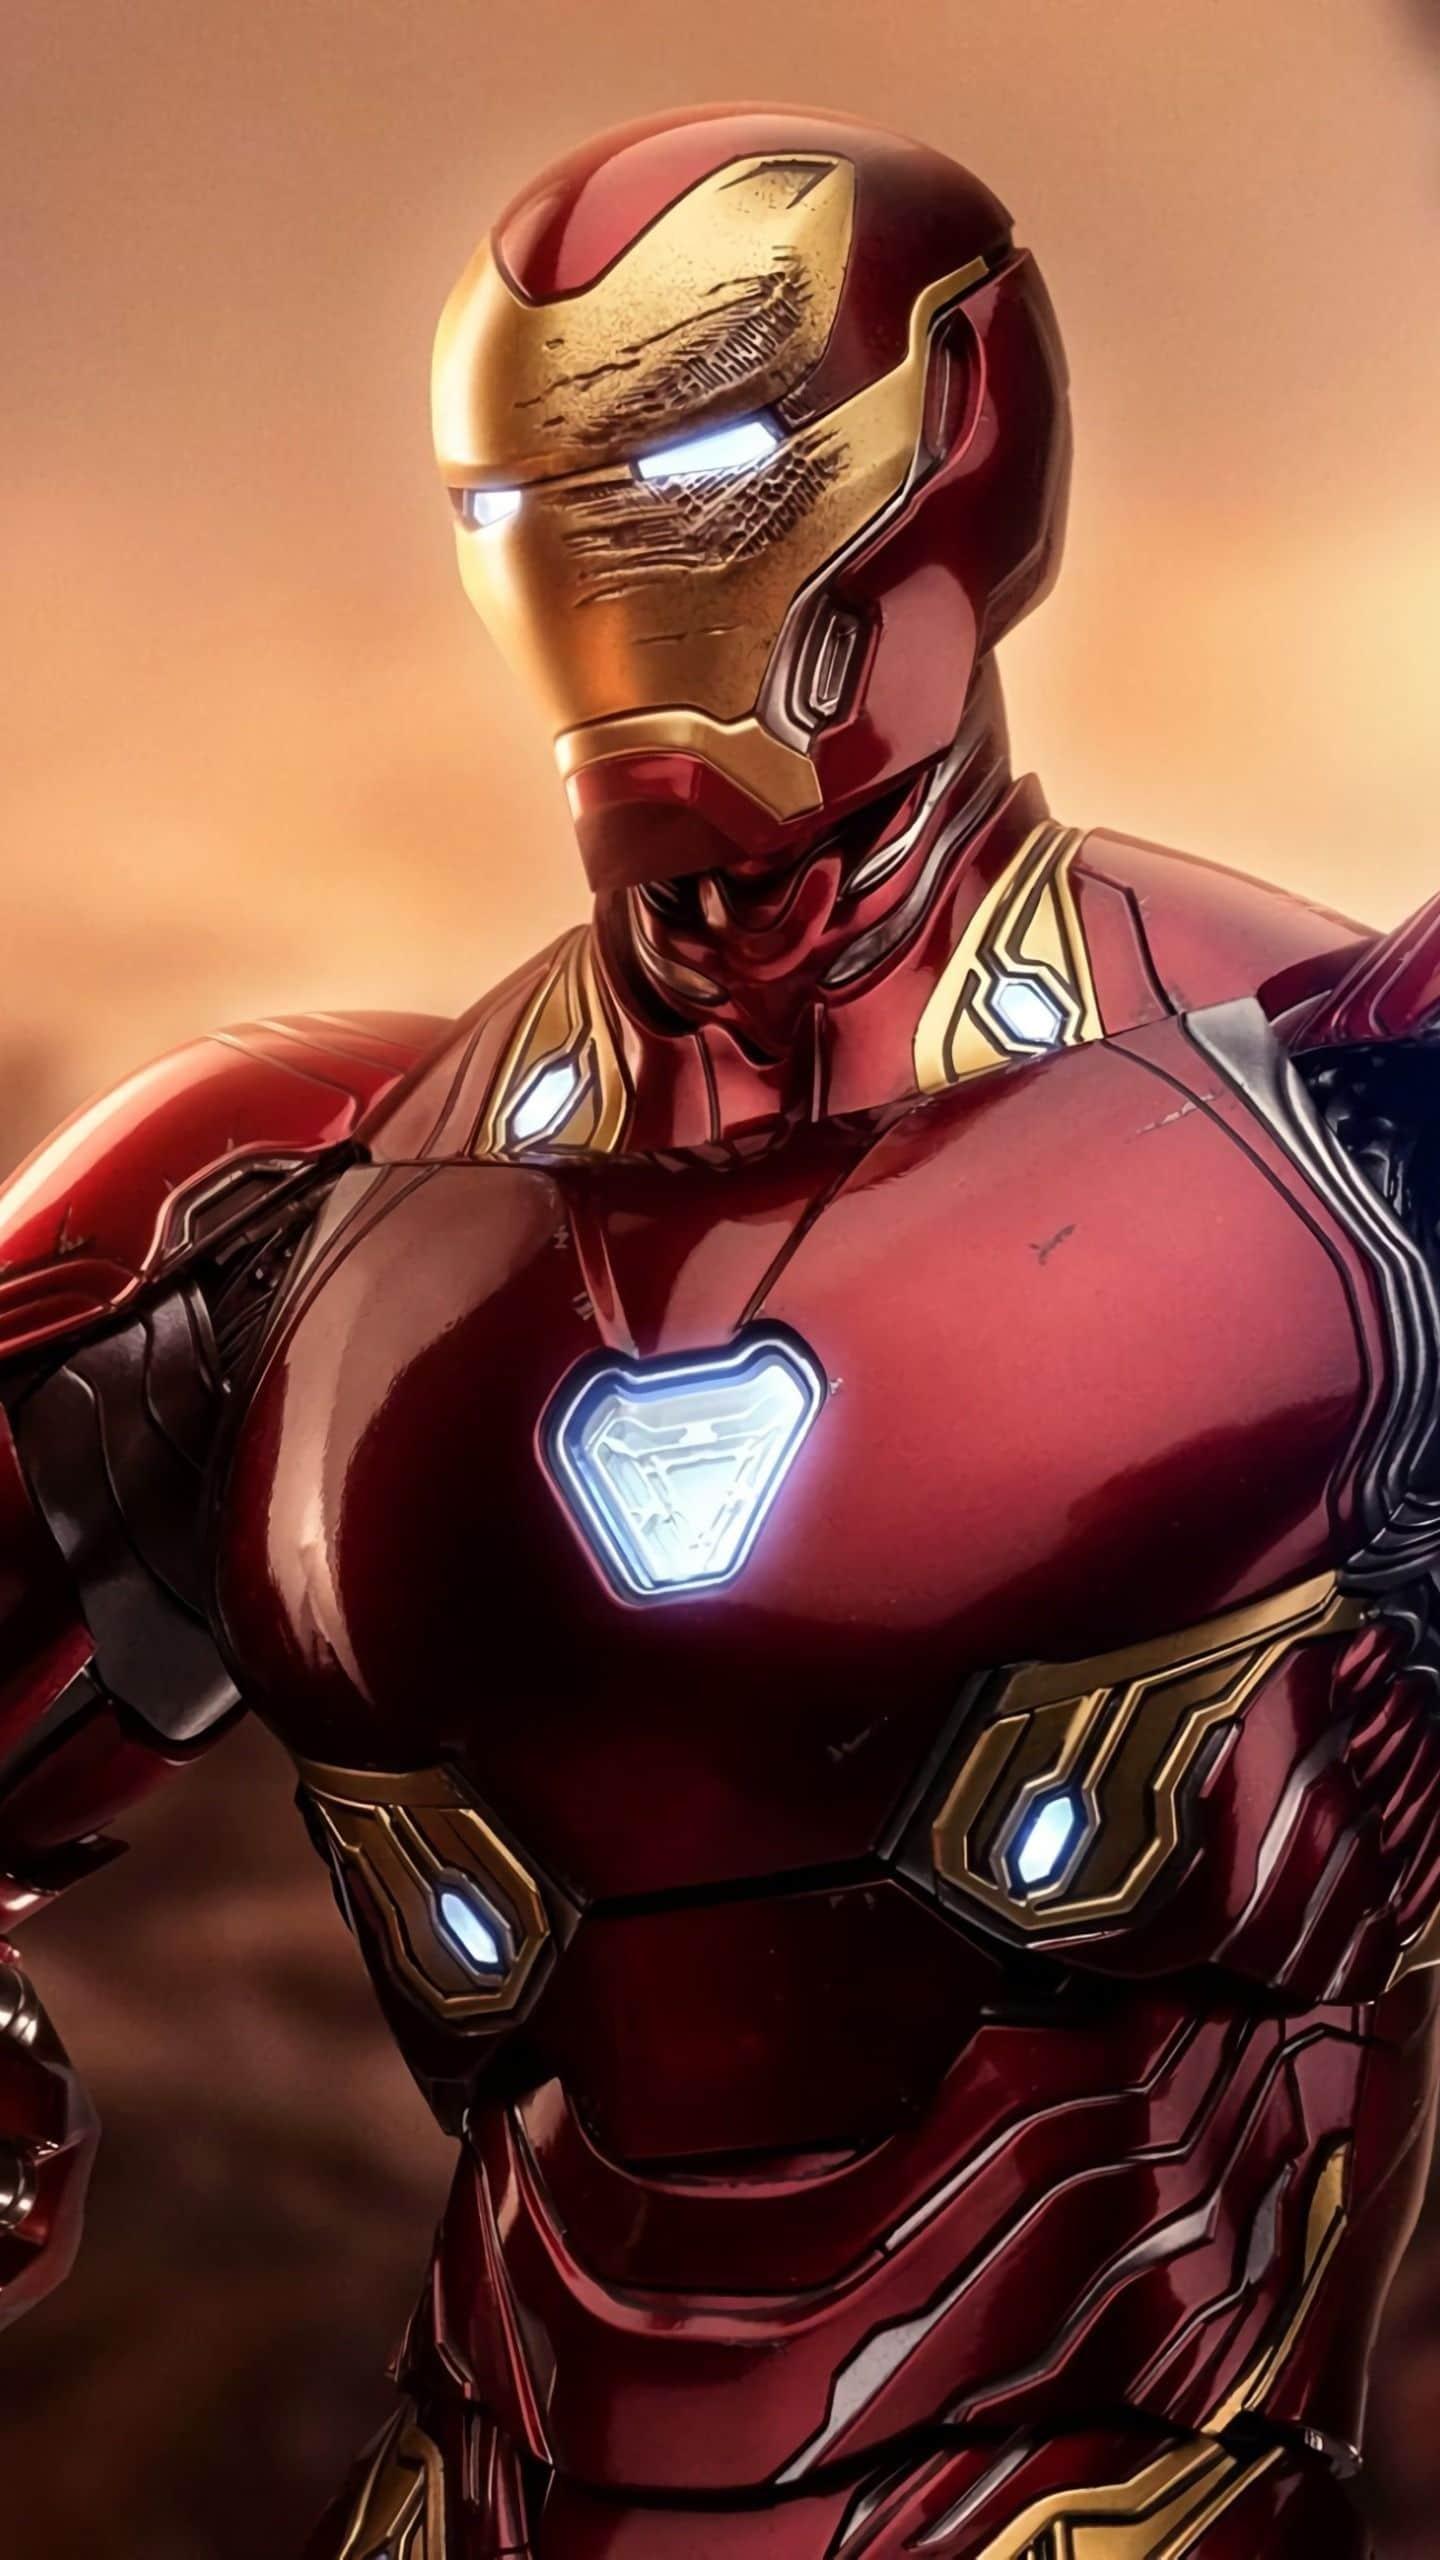 The famous Iron Man suit